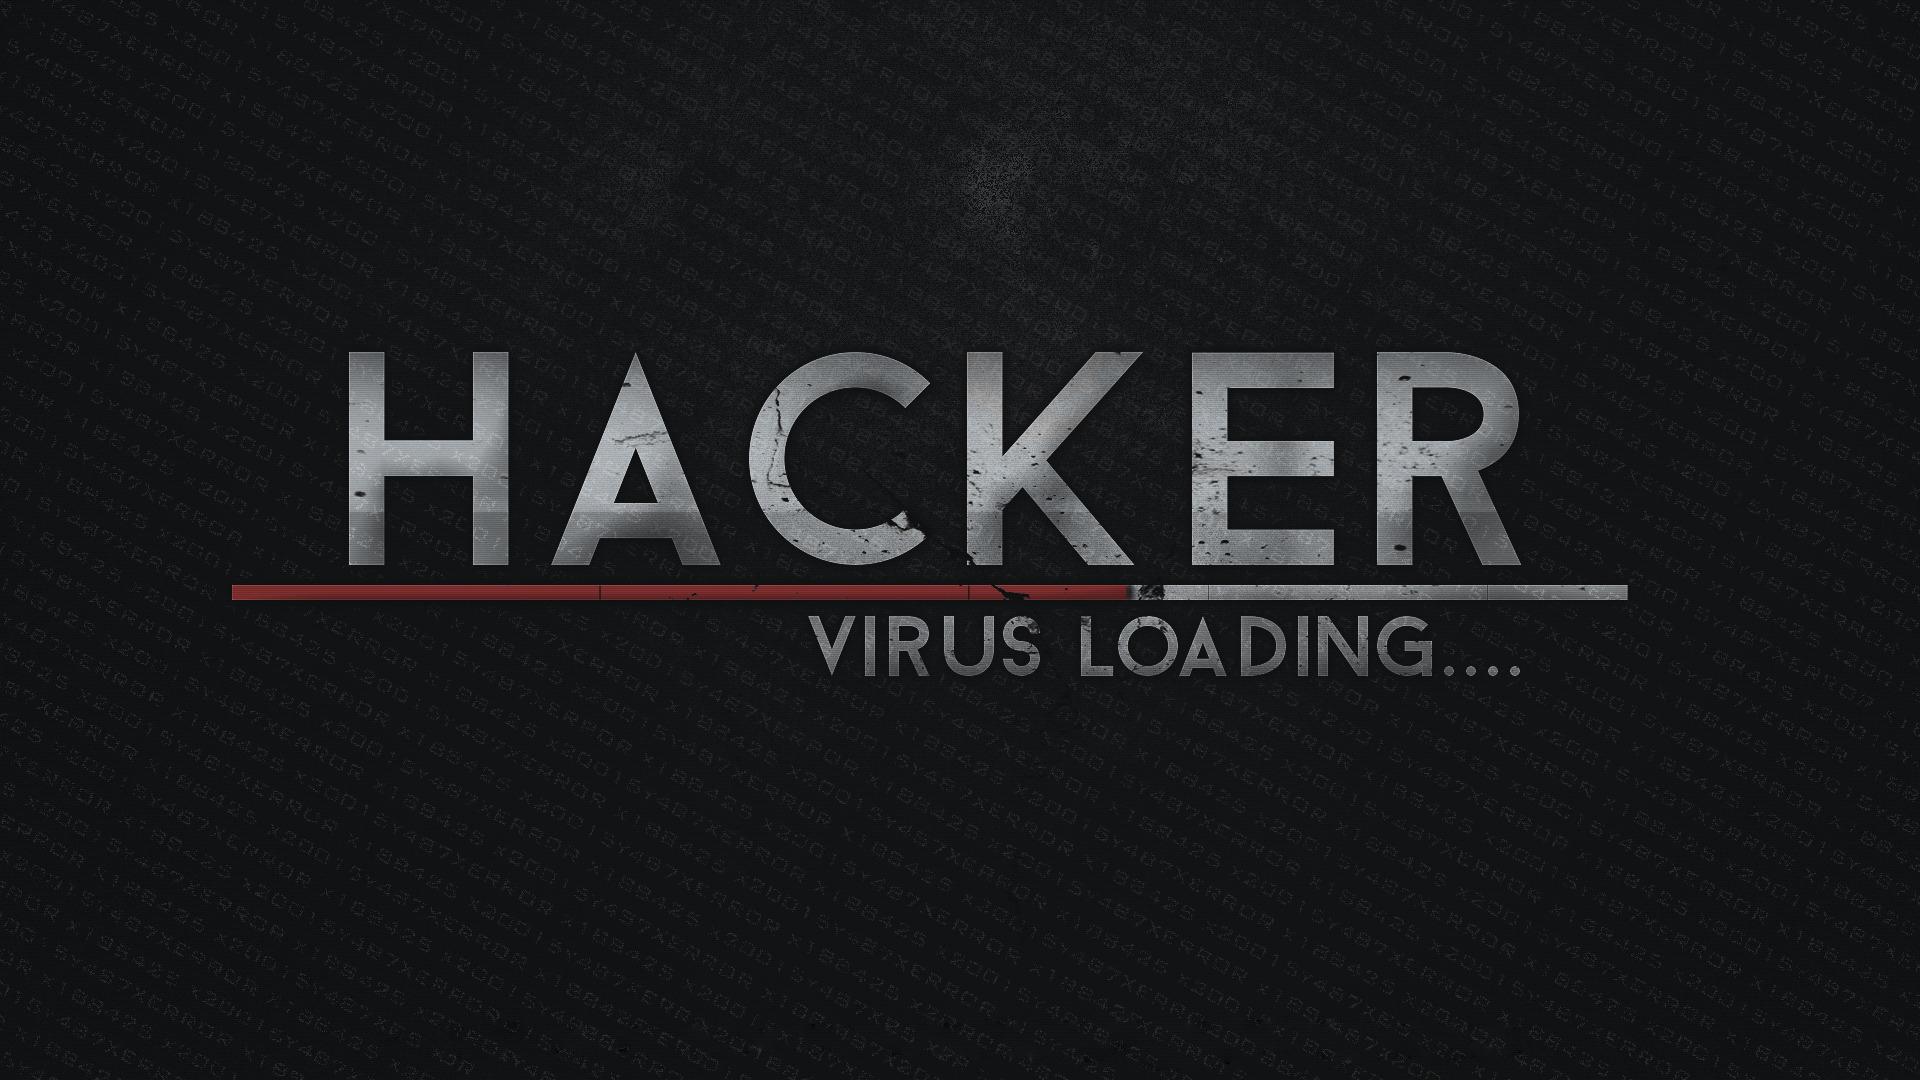 technology hacker virus loading wallpaper